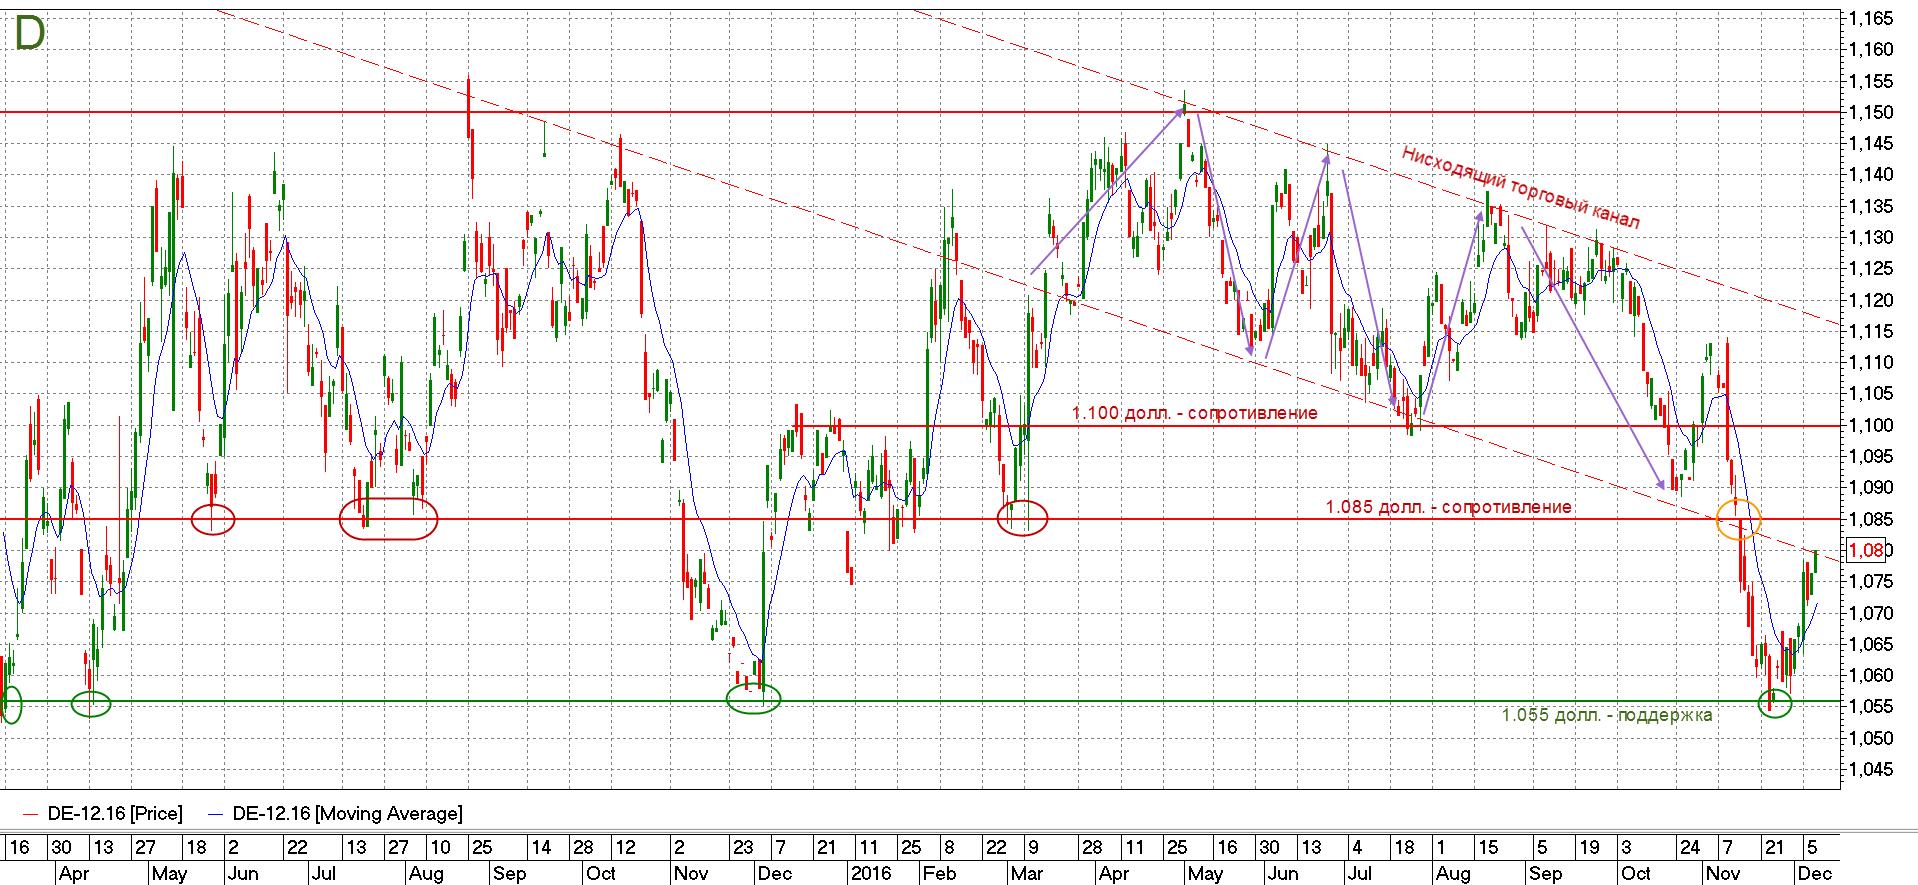 График котировок евро/долл